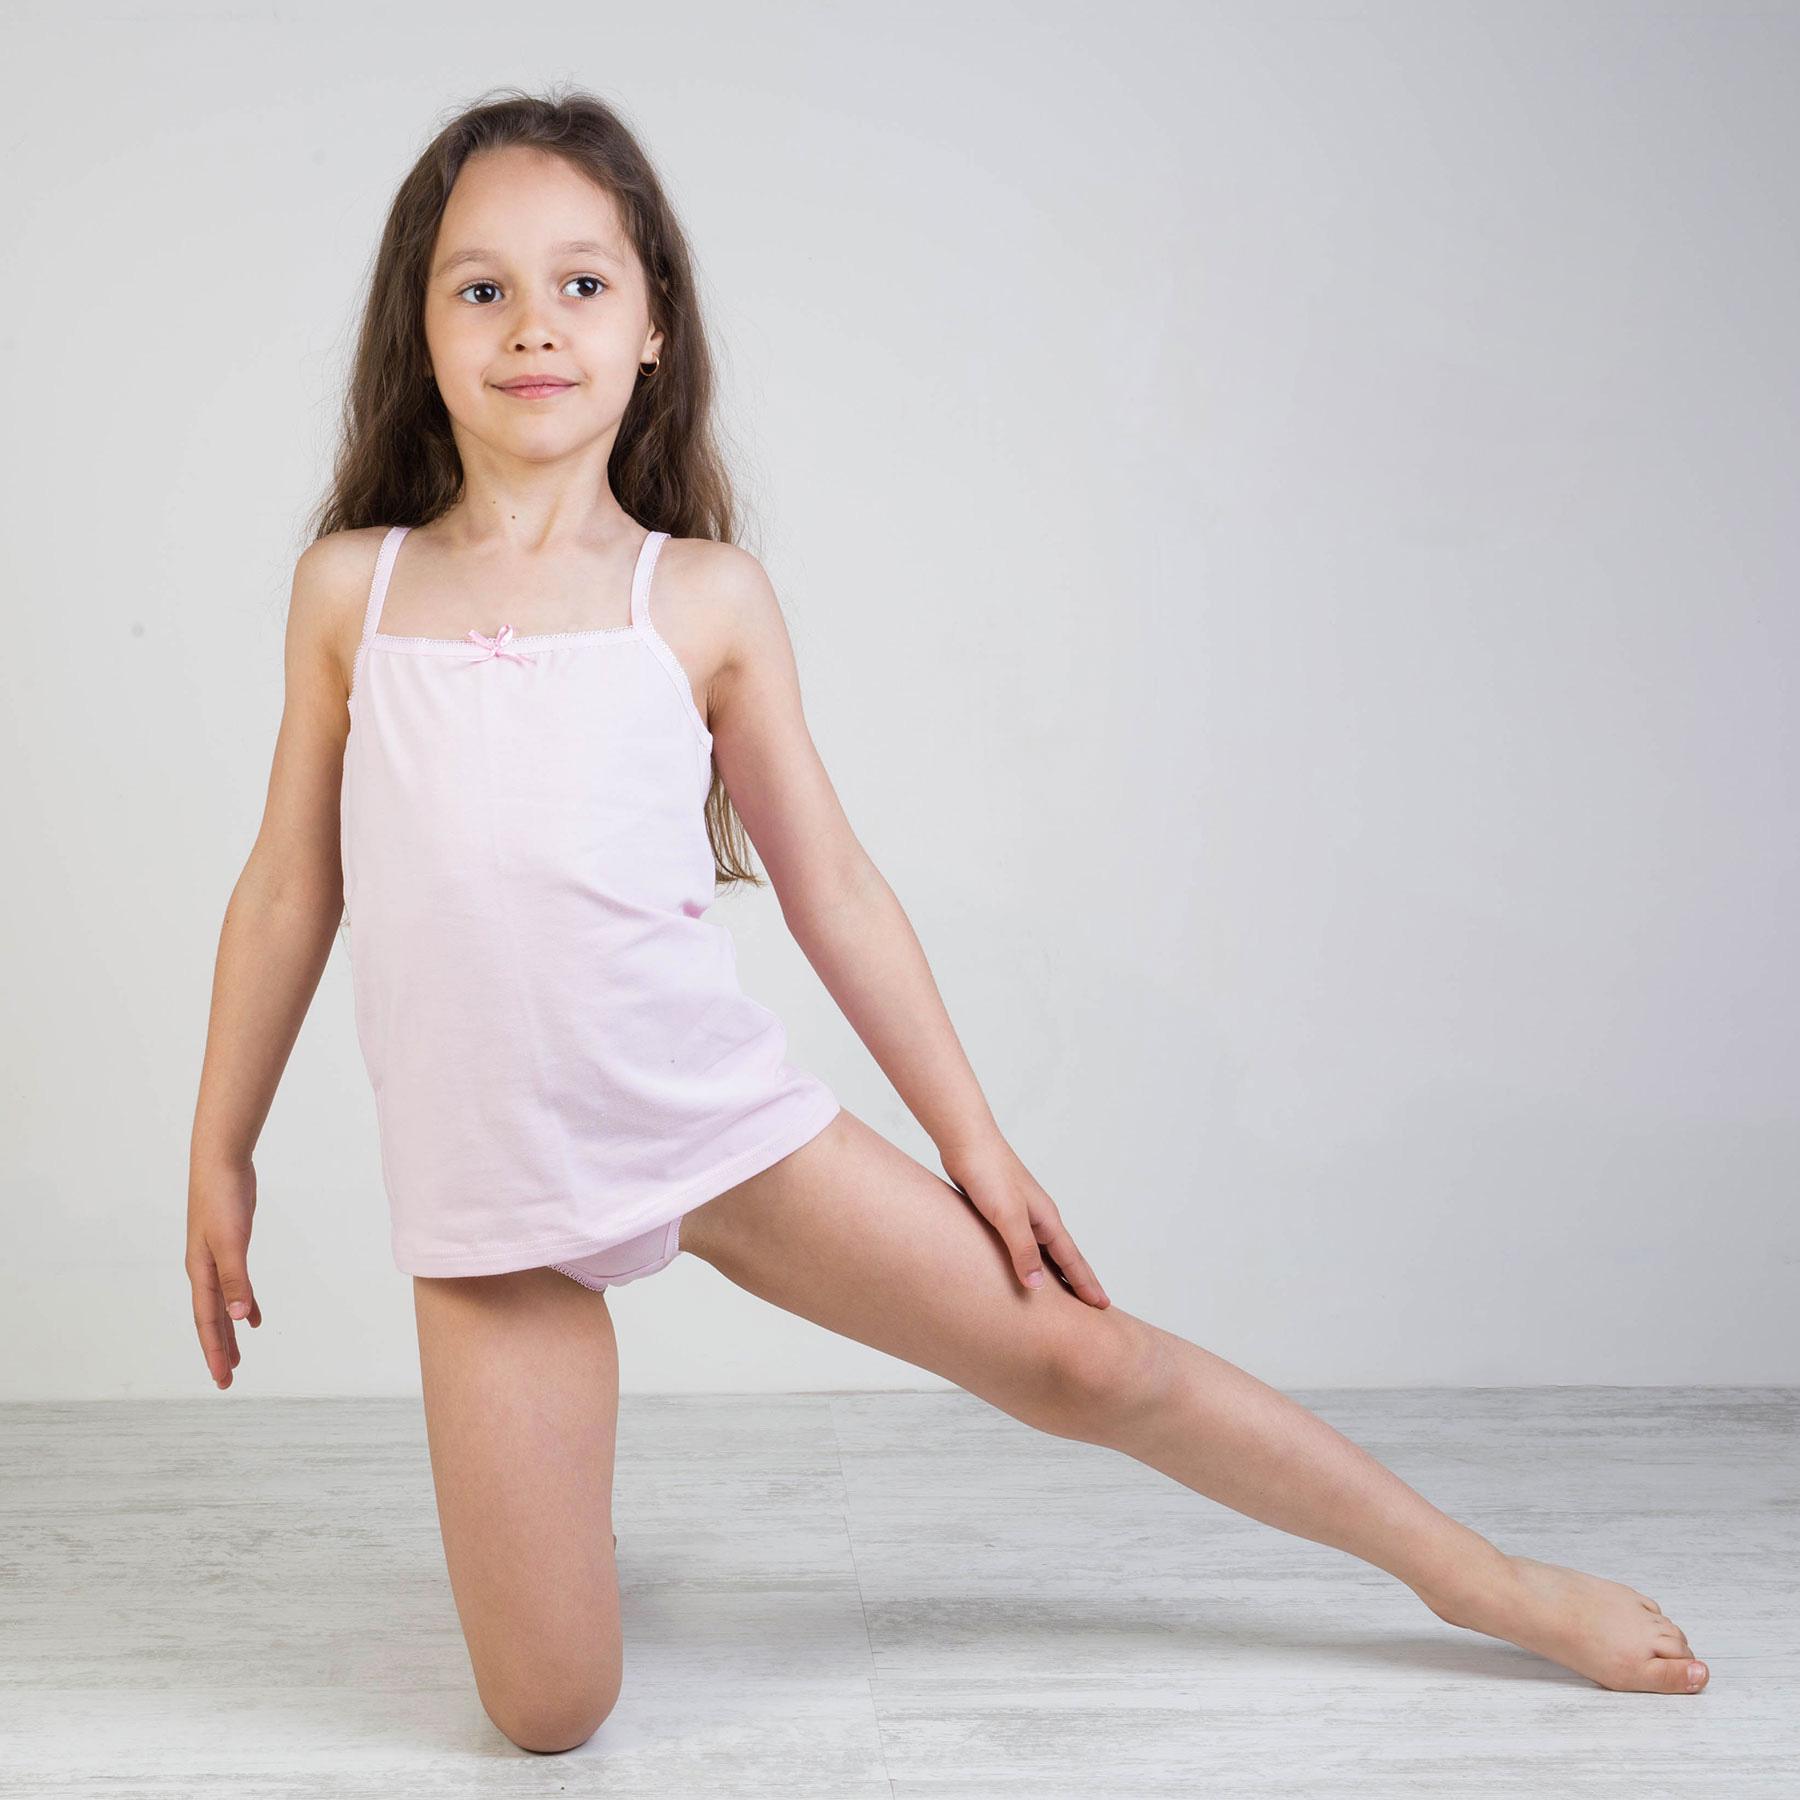 Дети девочки модель фото